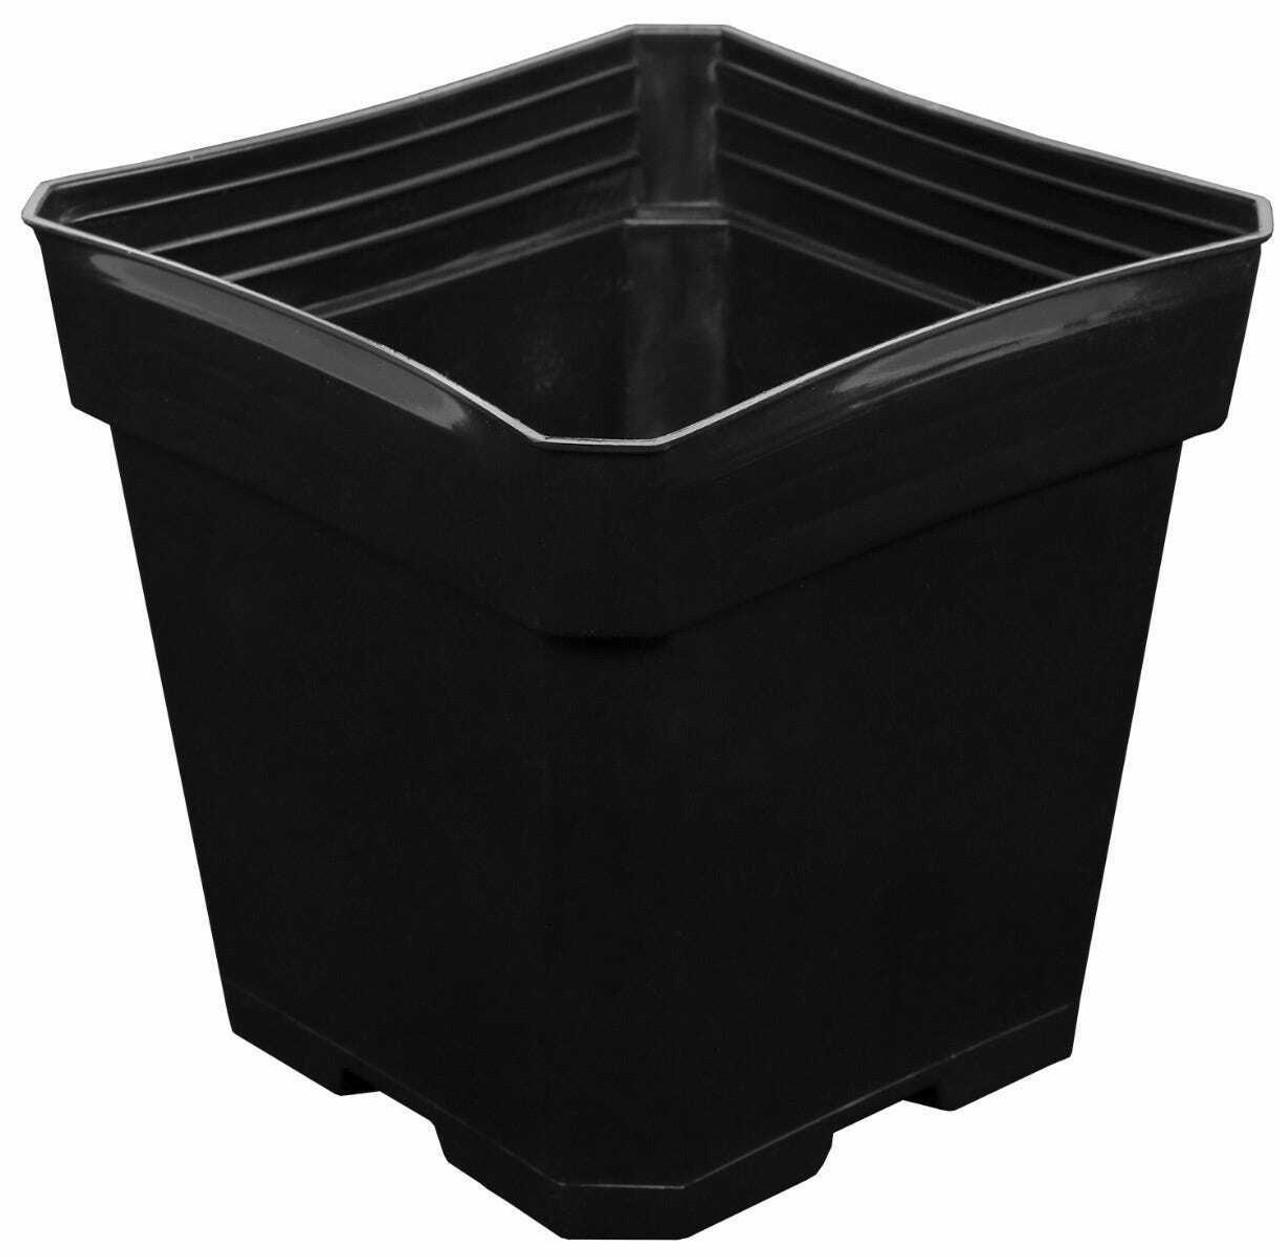 Gro Pro Black Plastic Pot 5.5 in x 5.5 in x 5.75 in (Must buy 200) - 1